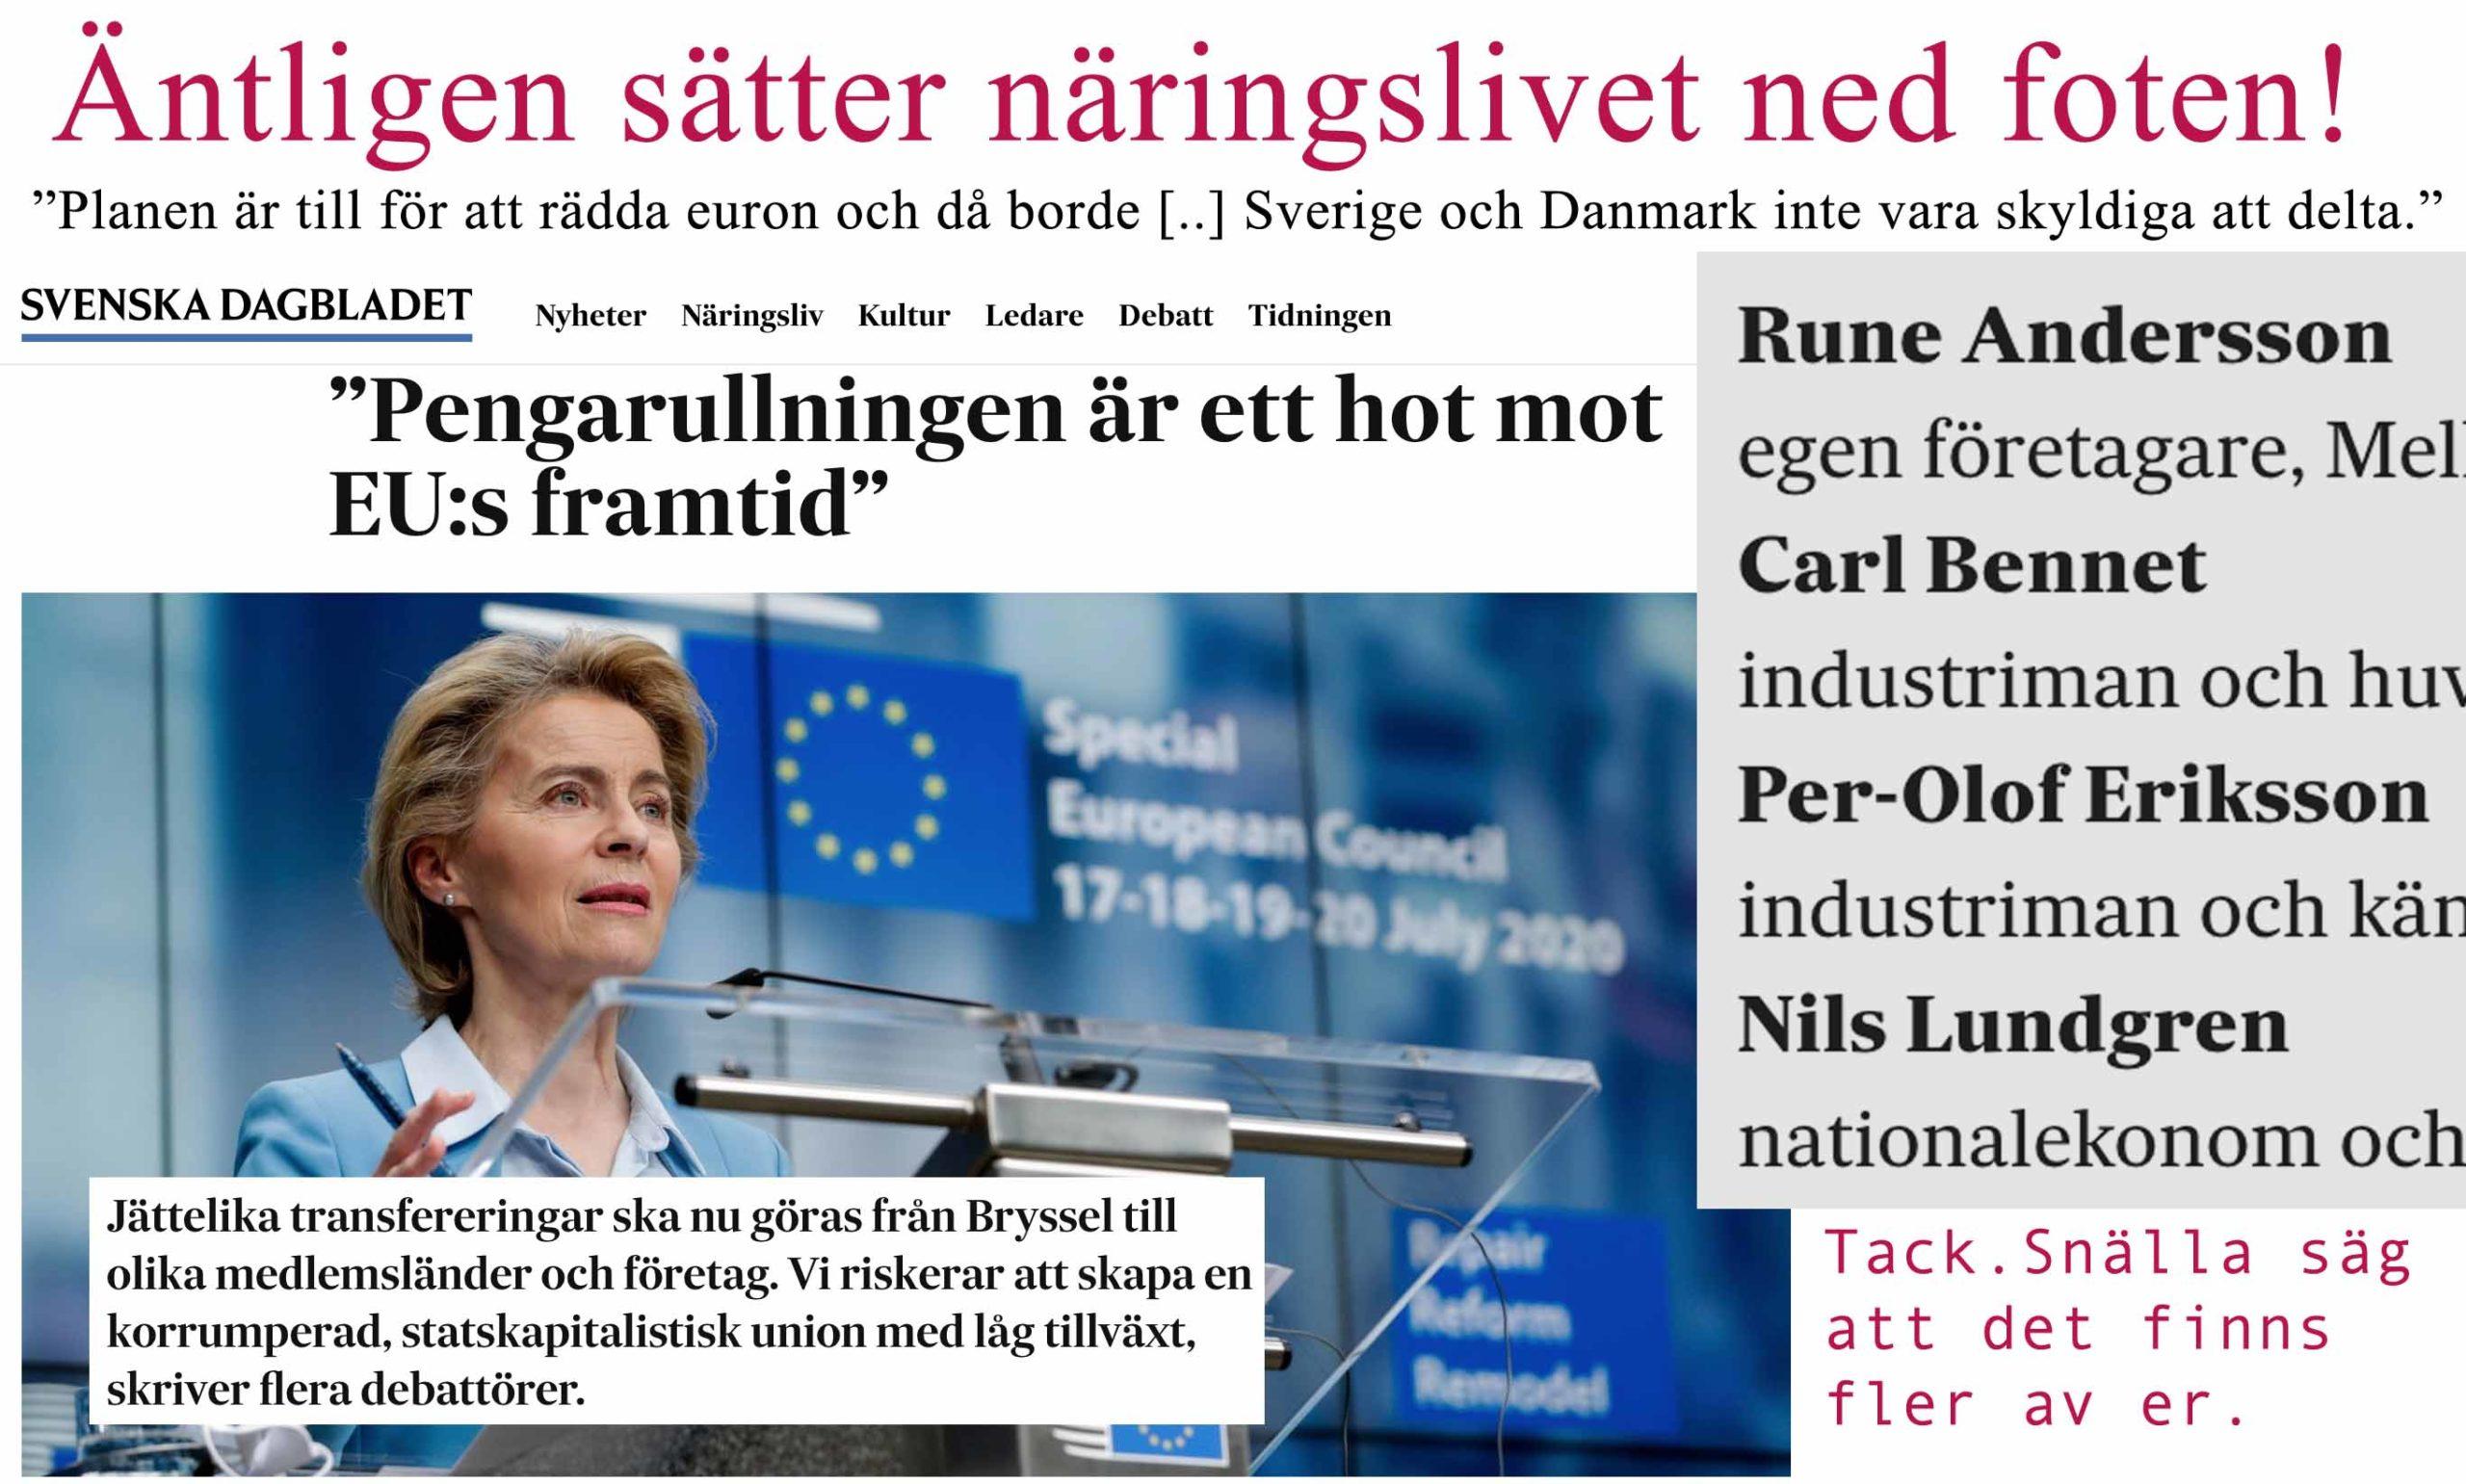 Tunga näringslivsföreträdare undrar varför Sverige ska behöva hjälpa till att rädda euron. Det borde även Löfven ha frågat sig.